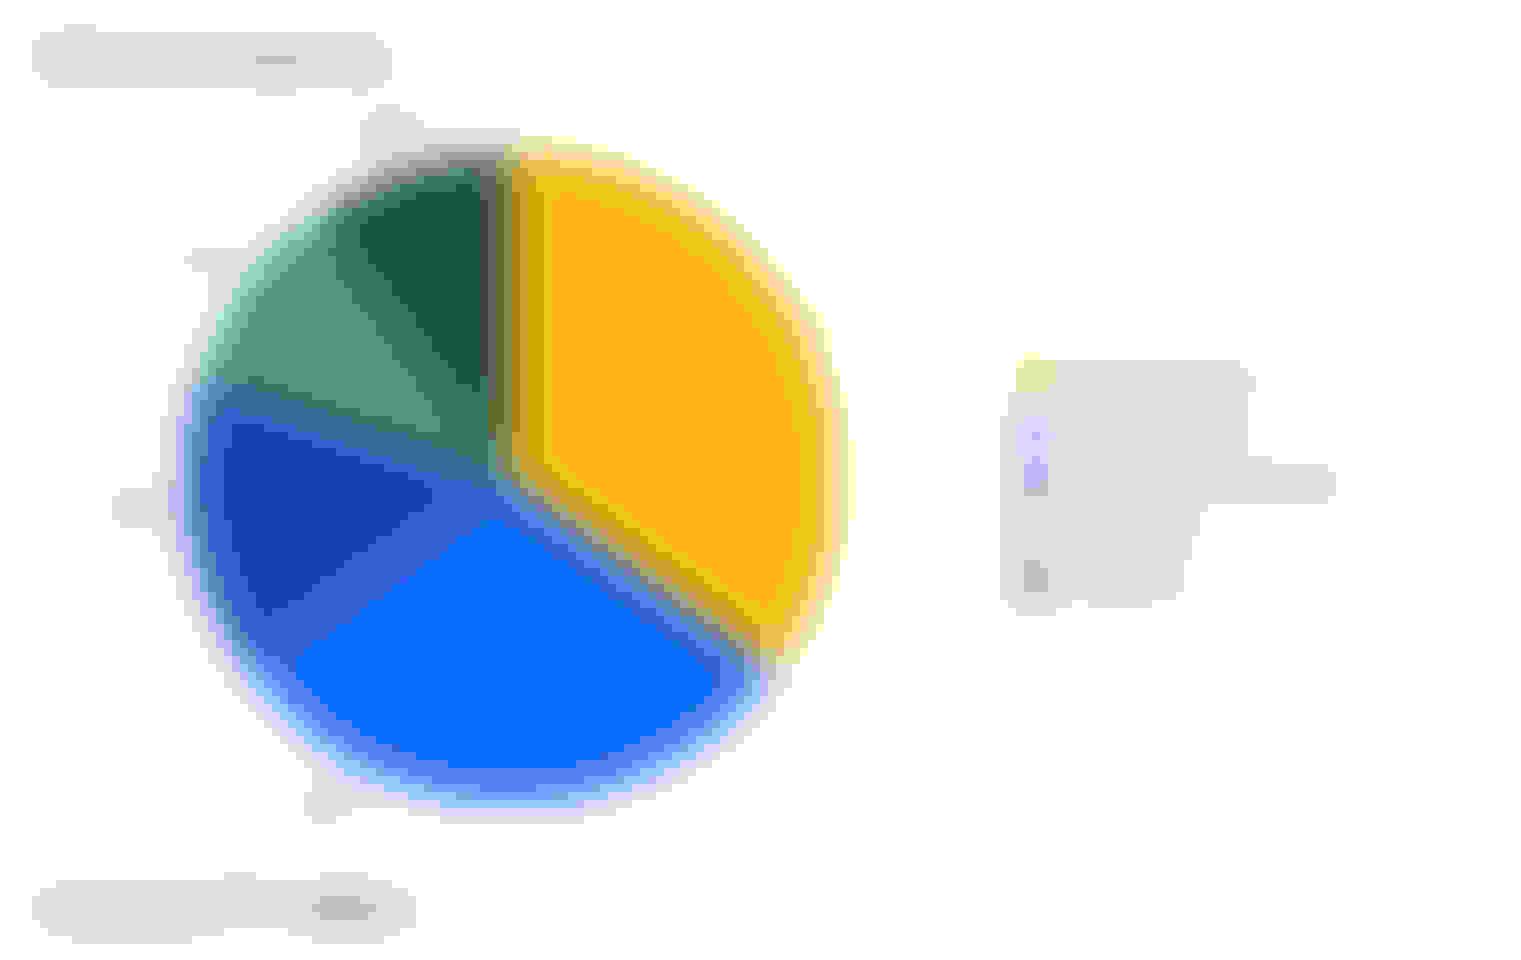 FICO score components